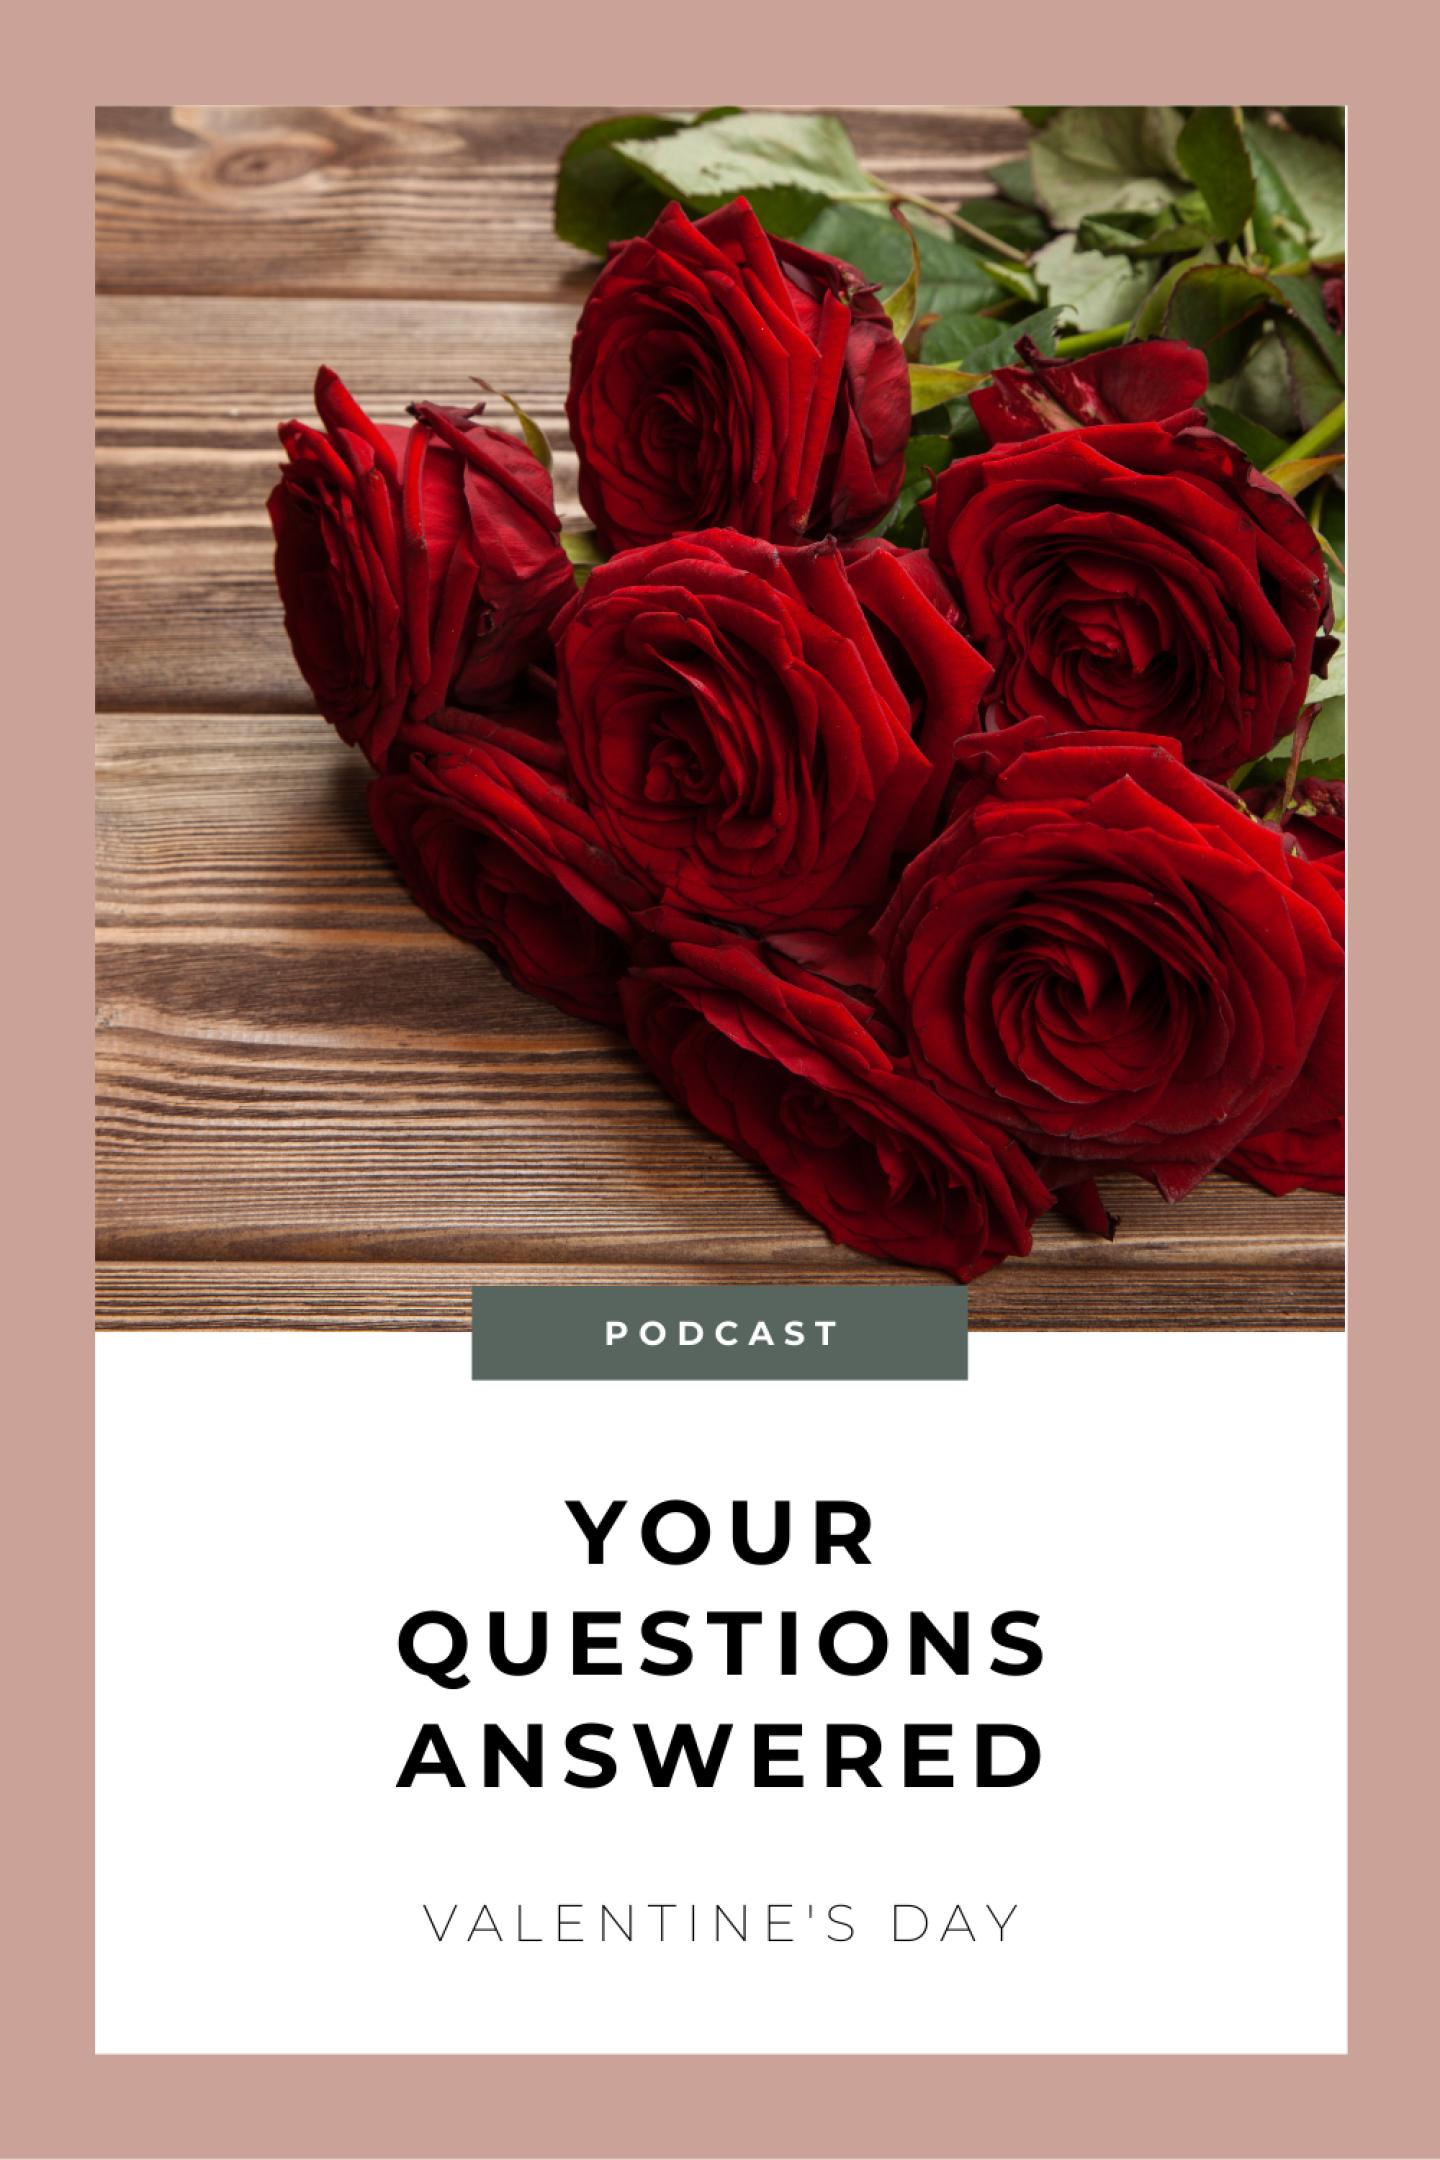 Valentine's Day Q&A